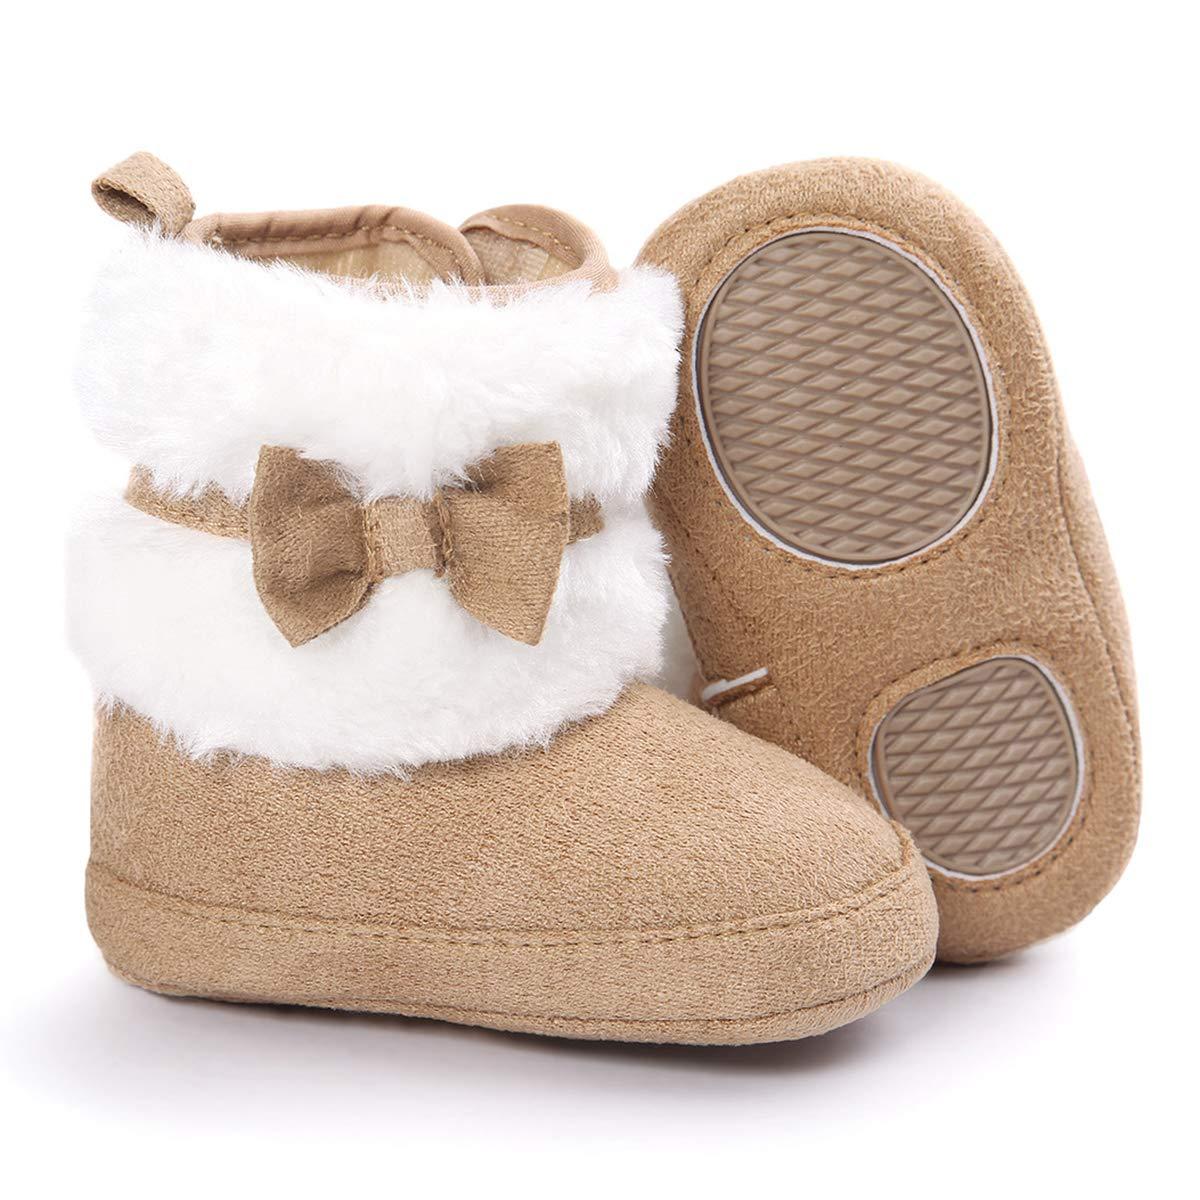 BubleColor Baby Premium Soft Sole Bow Anti-Slip Warm Winter Infant Prewalker Toddler Snow Boots (L:12-18 Months/5.12'', Khaki)